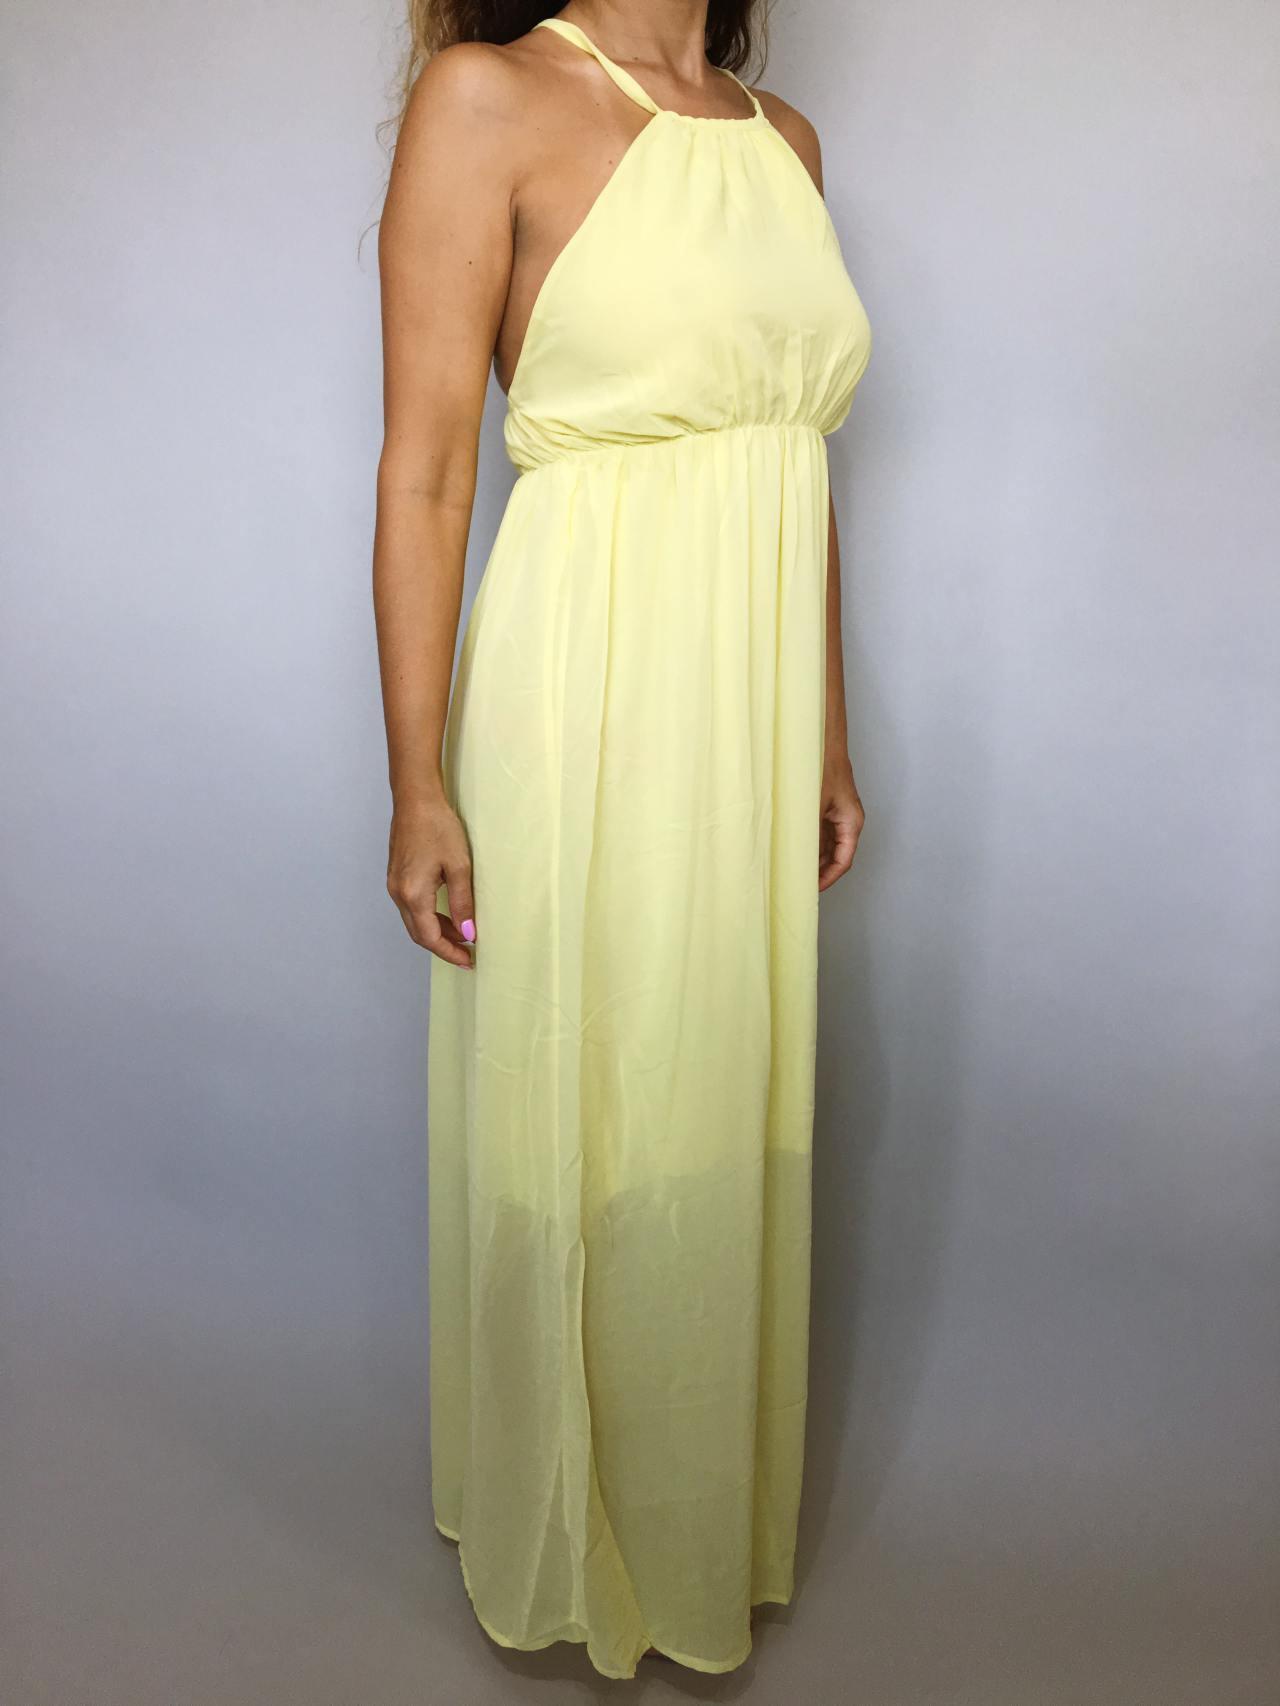 Šaty Sunny Day žluté 04